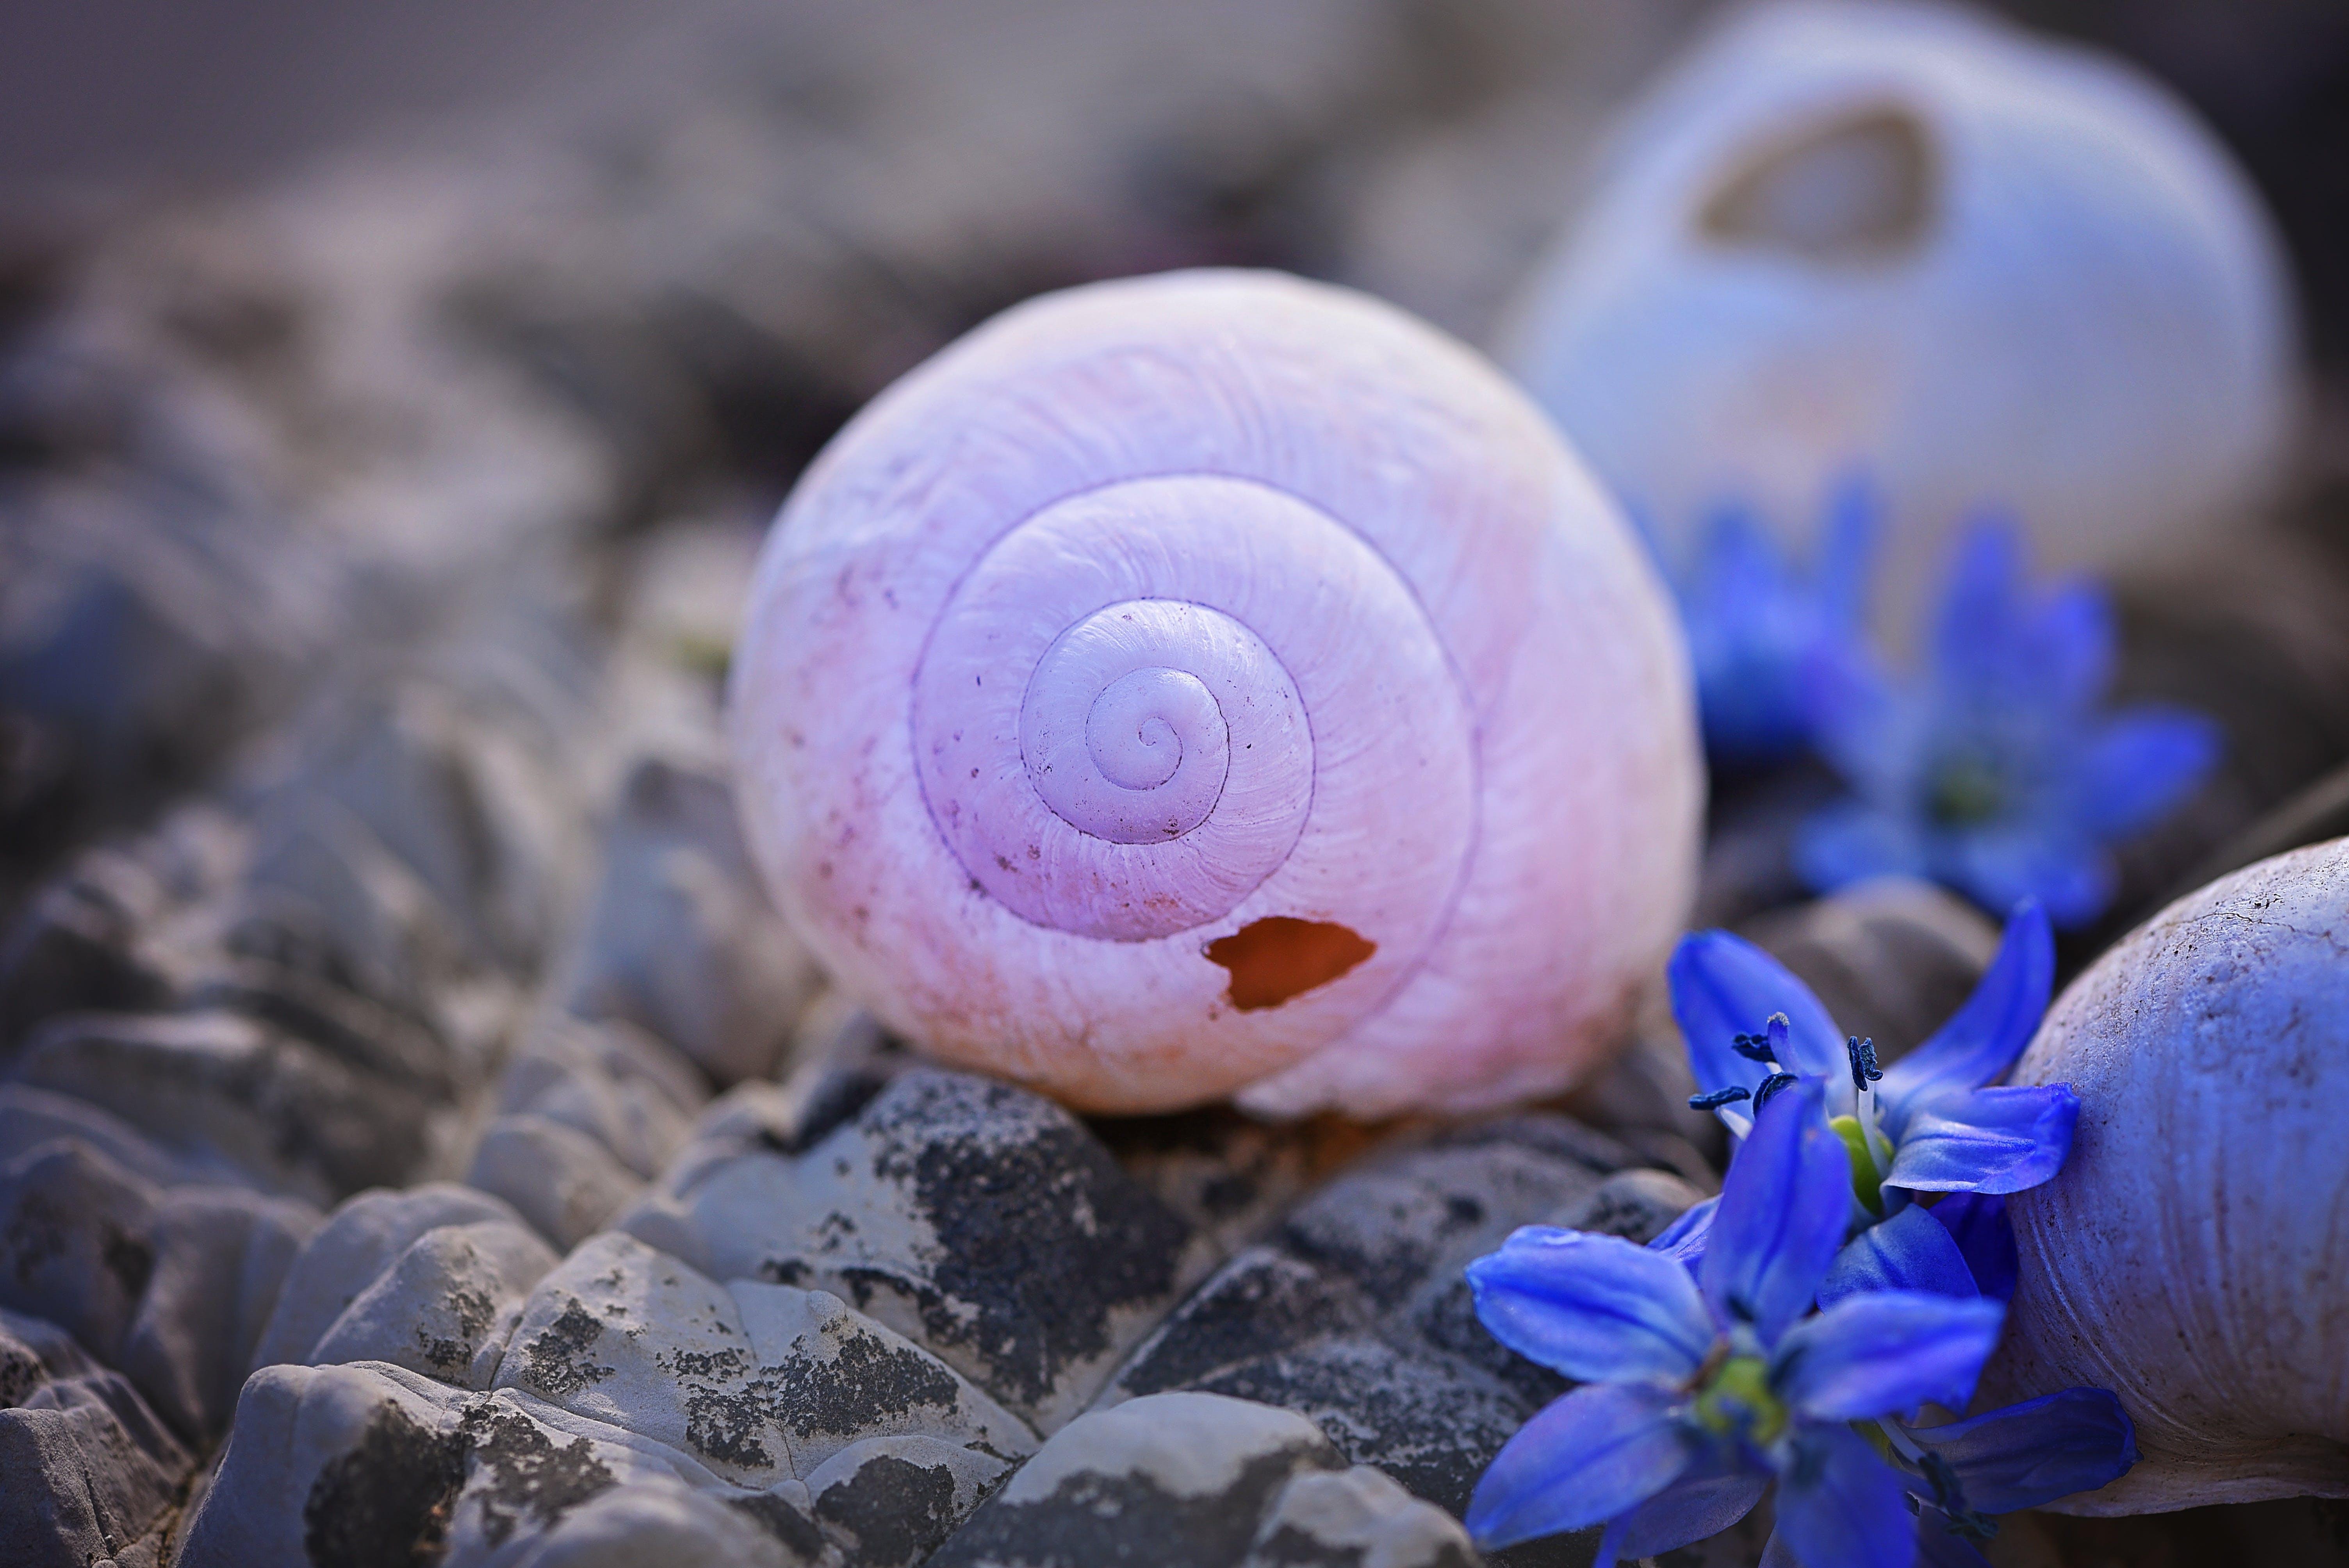 Δωρεάν στοκ φωτογραφιών με chionodoxa luciliae, αδειάζω, καβούκι, κατεστραμμένος